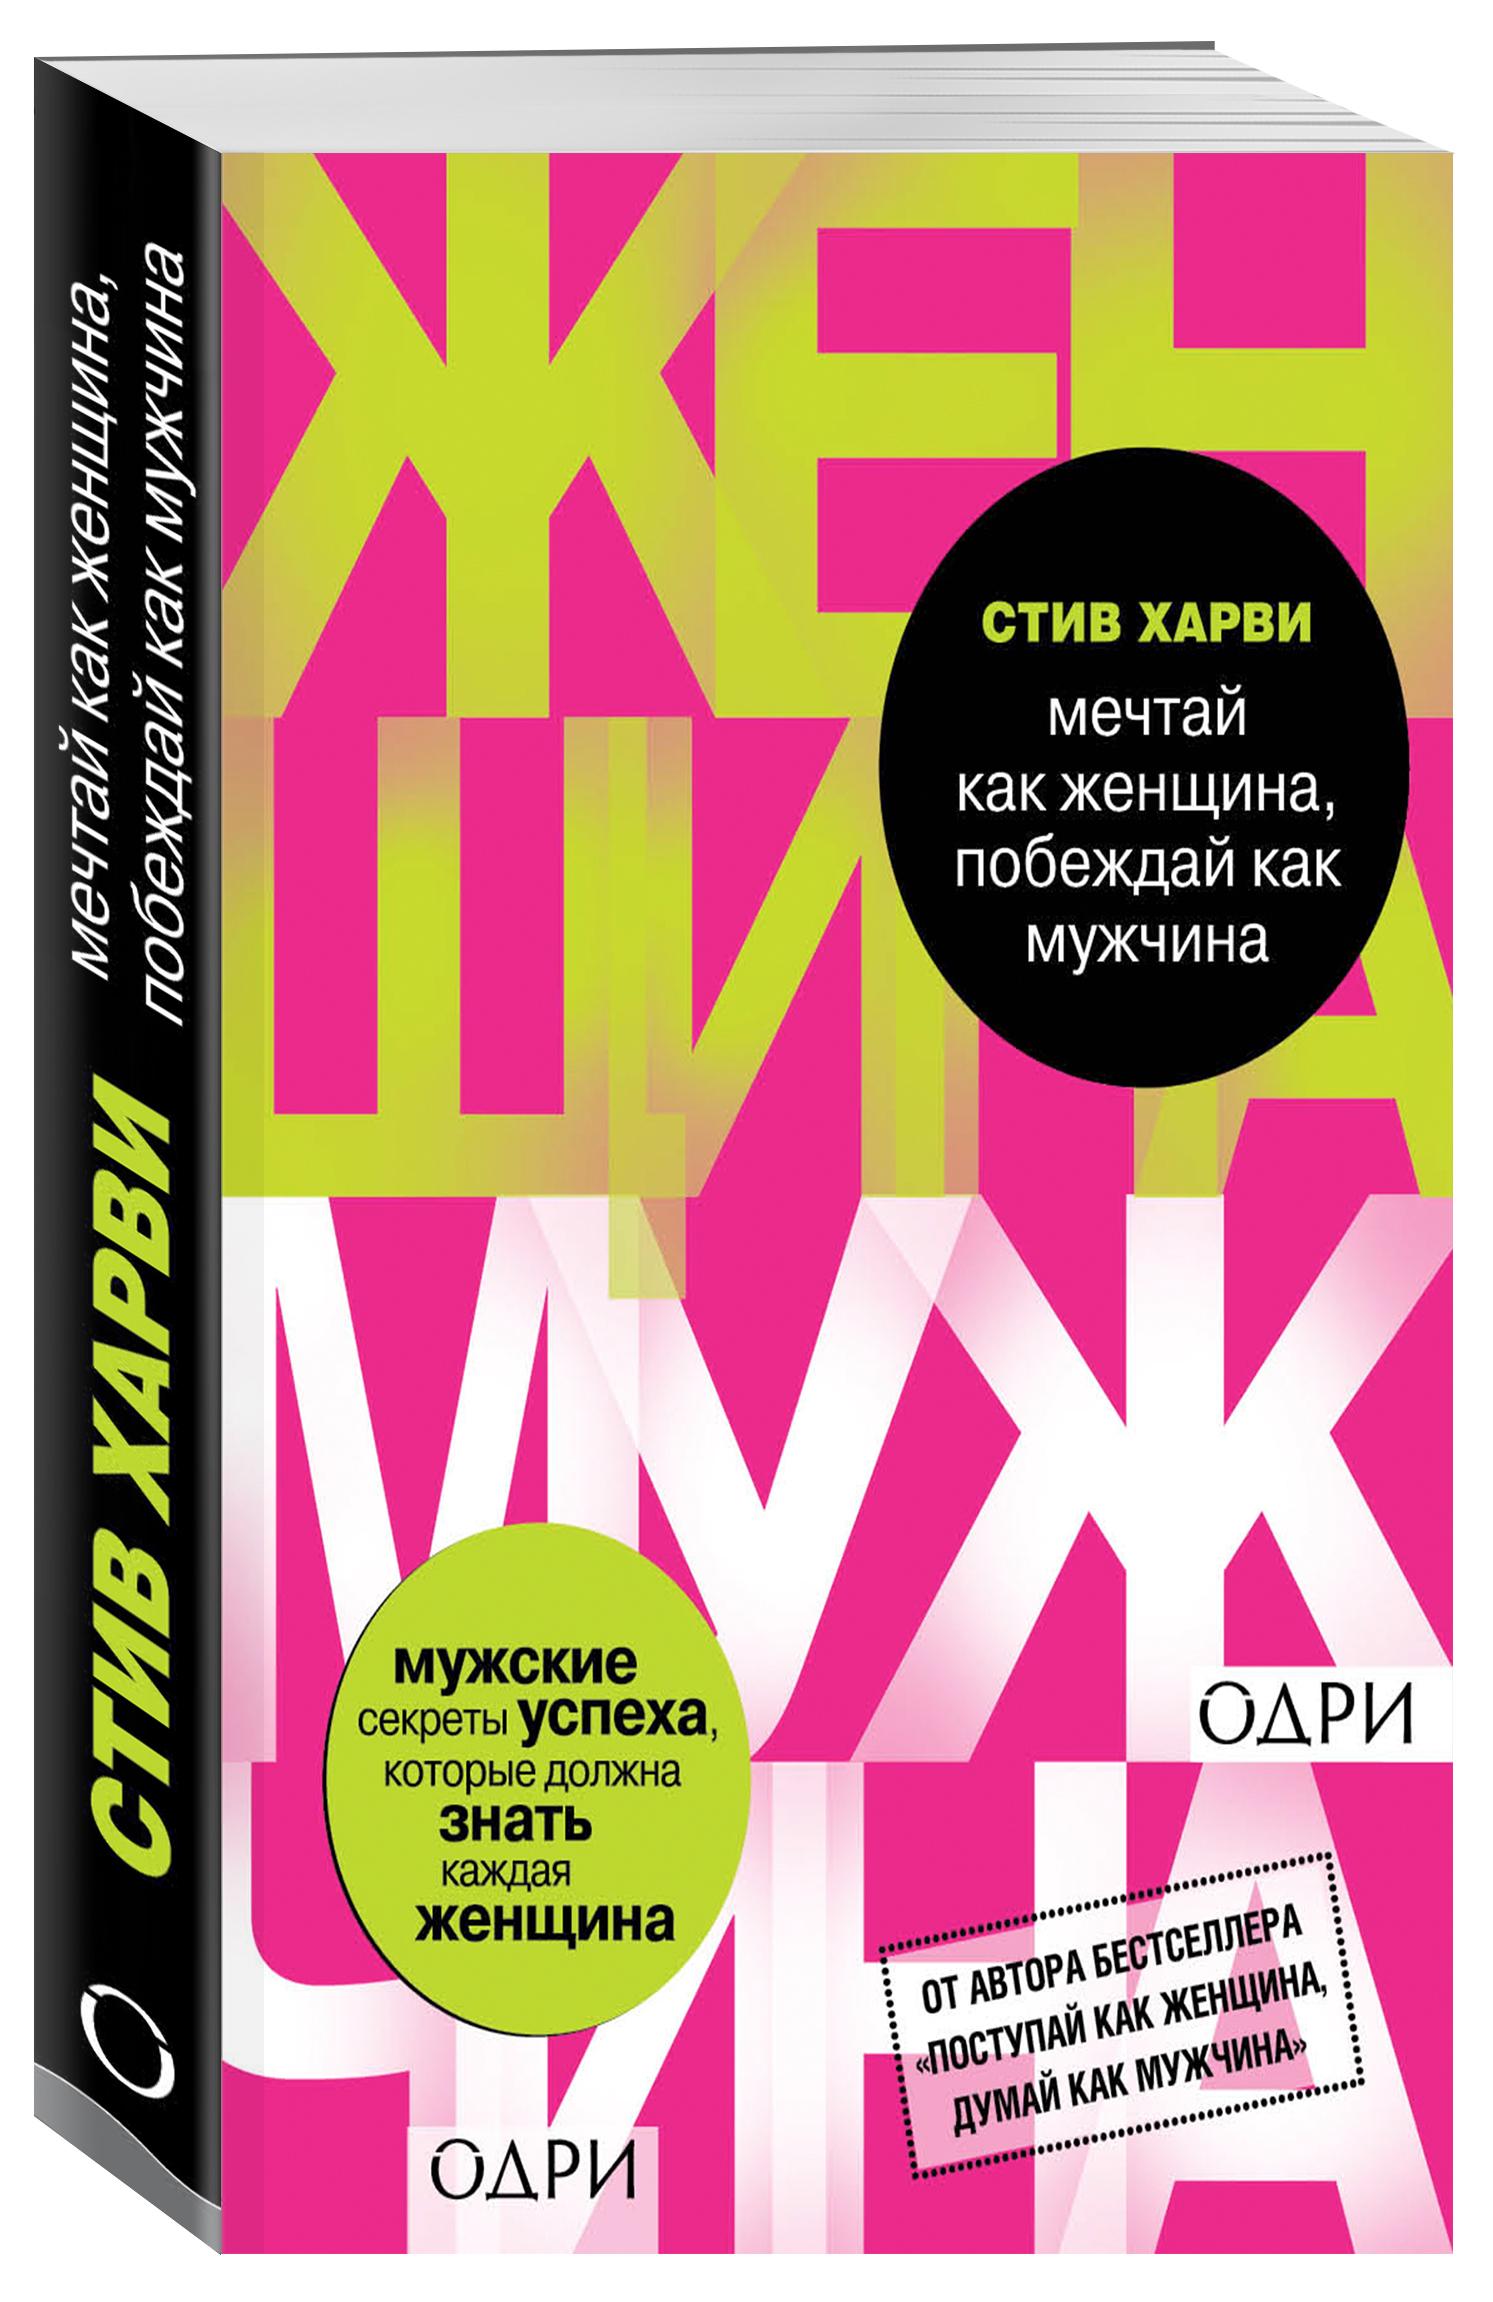 Харви С. Мечтай как женщина, побеждай как мужчина. Мужские секреты достижения успеха, которые должна знать каждая женщина ISBN: 978-5-699-78943-6 стив харви поступай как женщина думай как мужчина